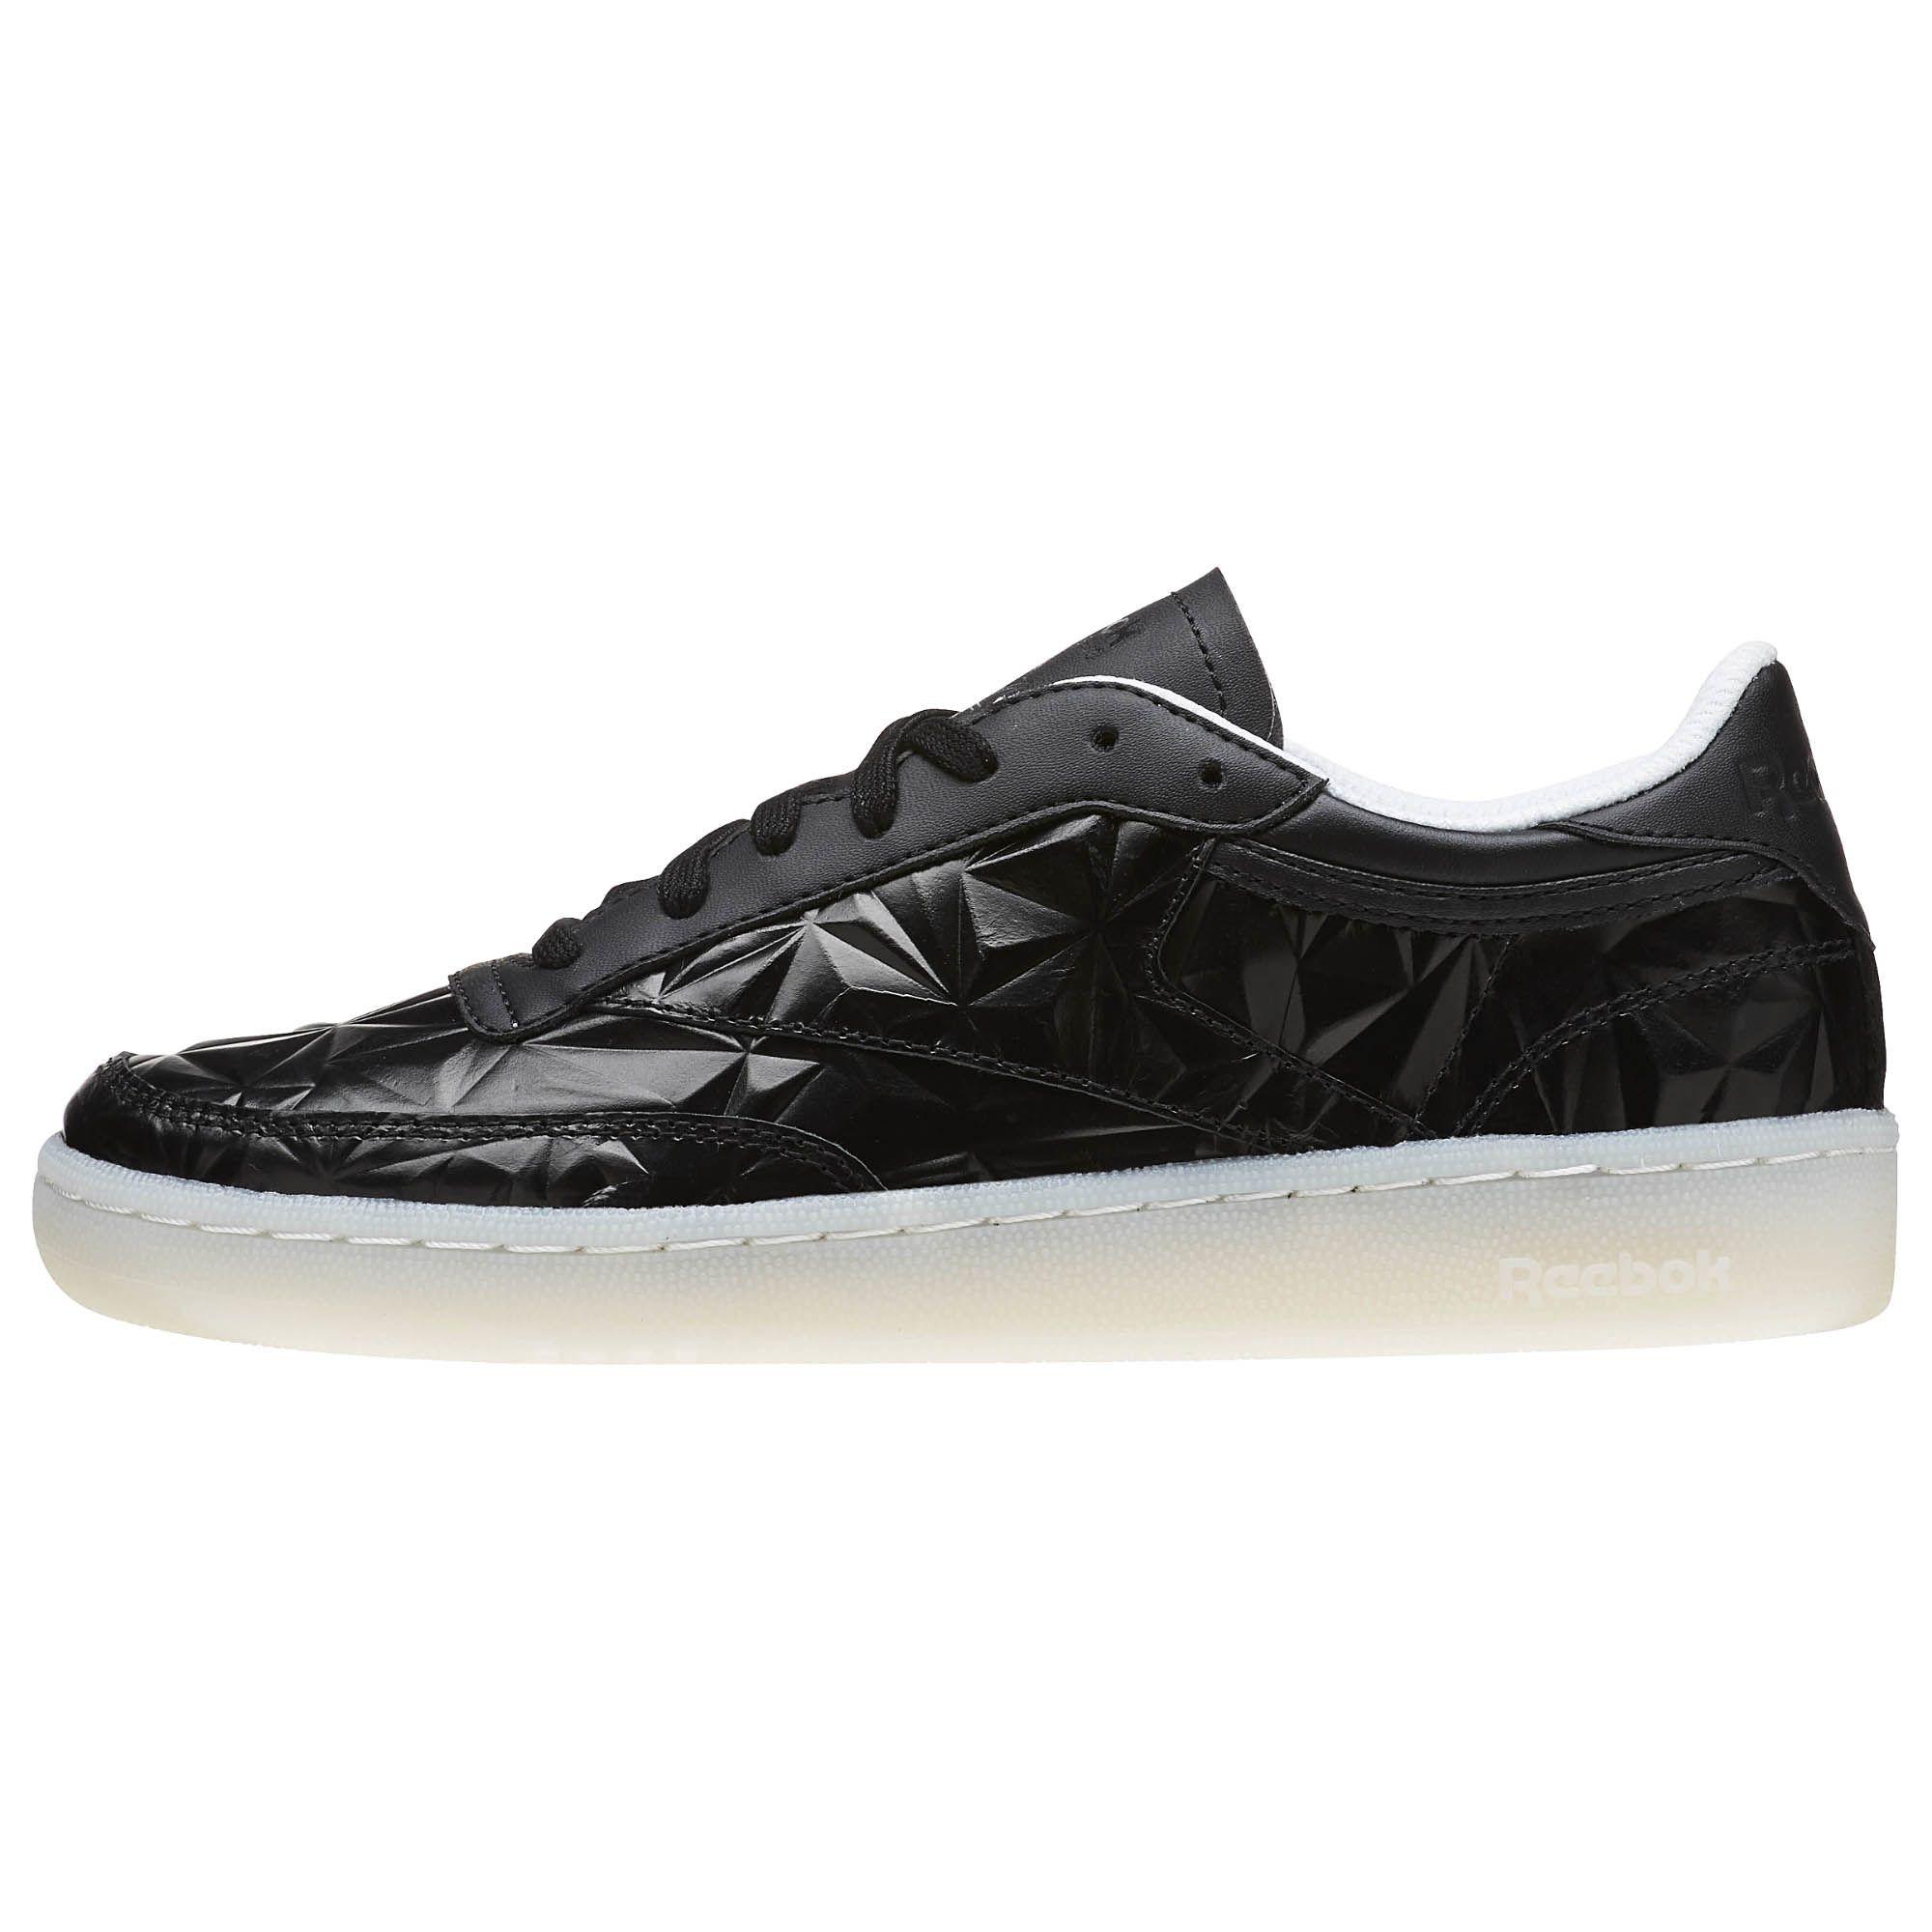 کفش زنانه ریباک مدل club c 85 کد BD4889